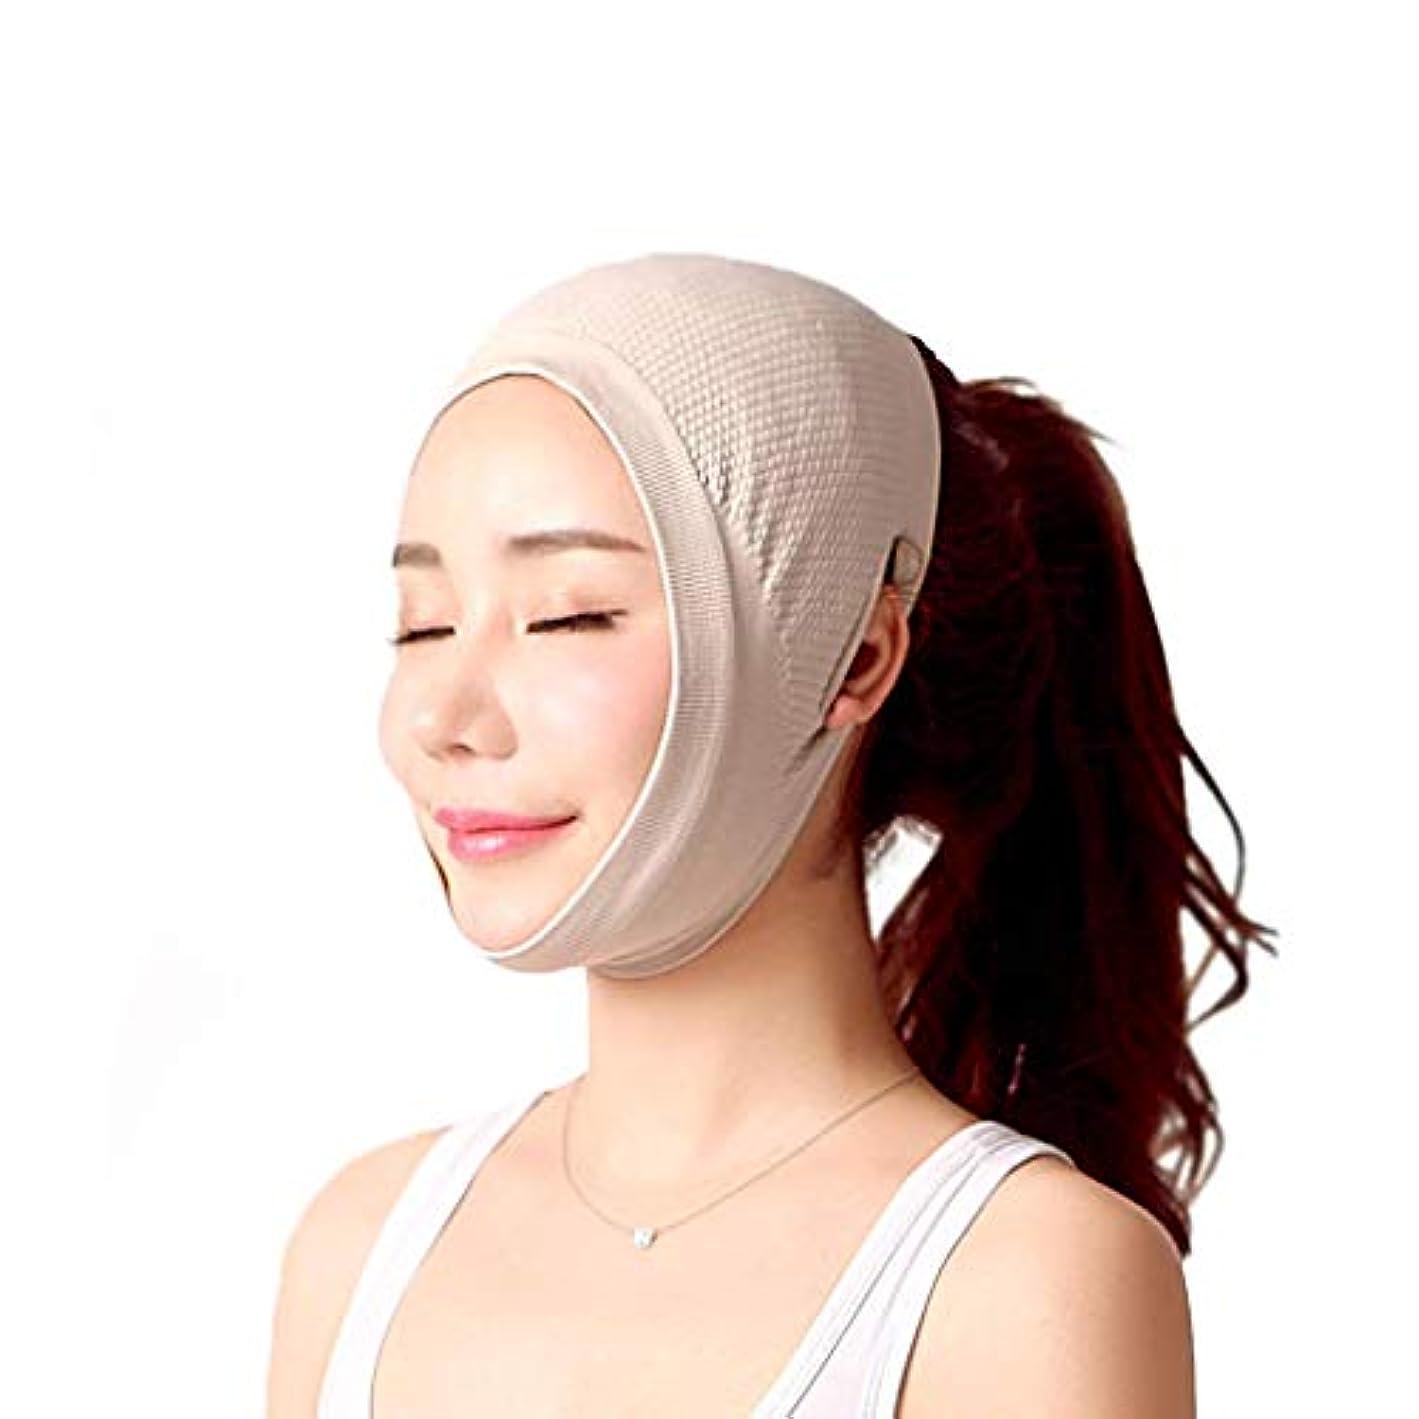 から聞く忠誠検証顔痩身包帯、二重あご、二重あごを減らすために顔を持ち上げる、顔を引き締める、体重を減らすためのマスク(ワンサイズ)